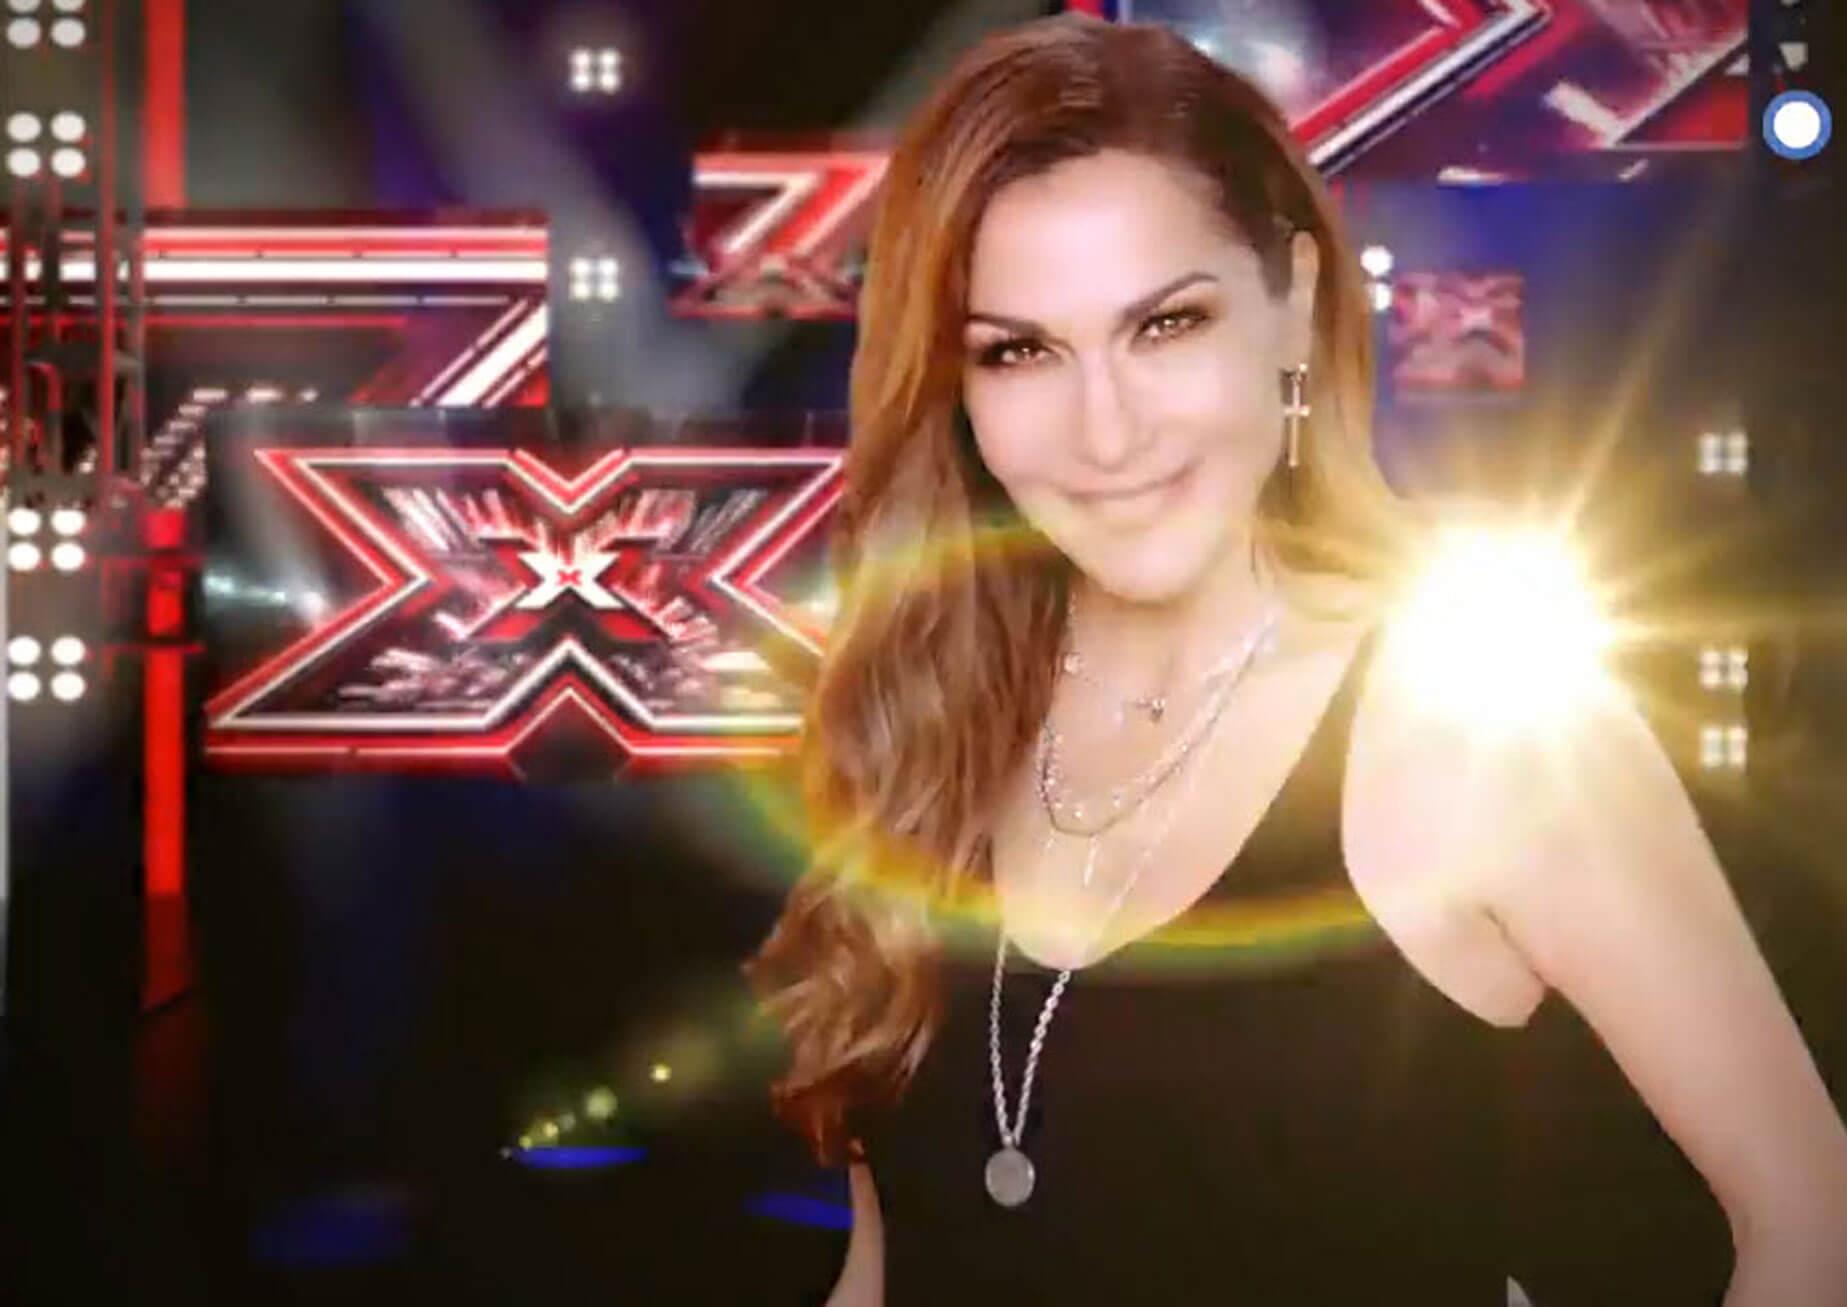 Αυτή είναι η επιτροπή του X Factor | Newsit.gr